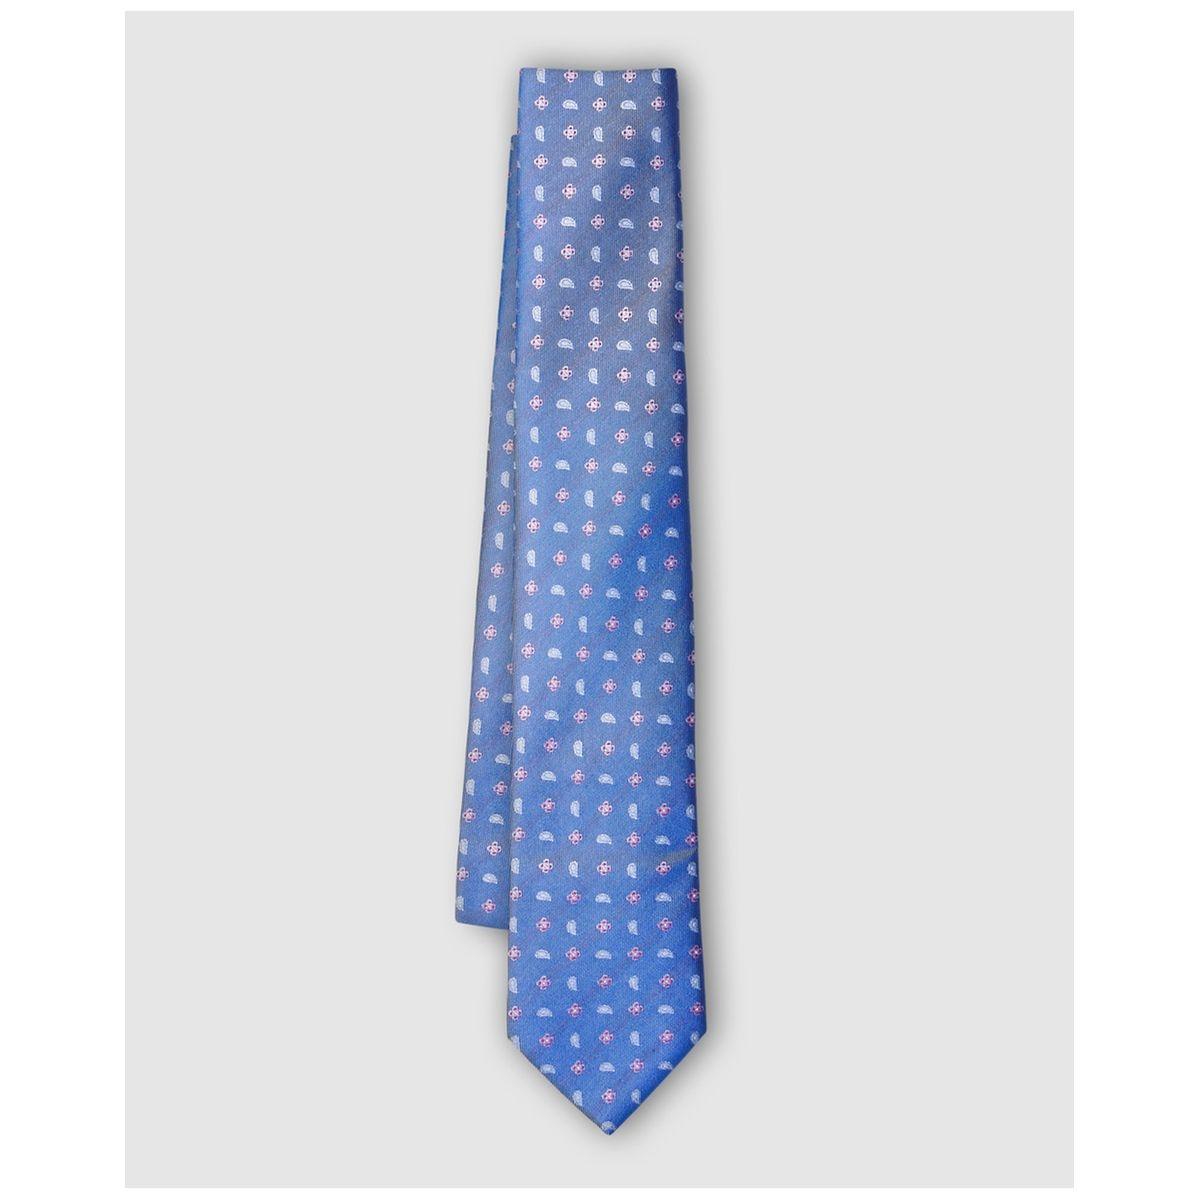 Cravate en soie bleu imprimé fantaisie